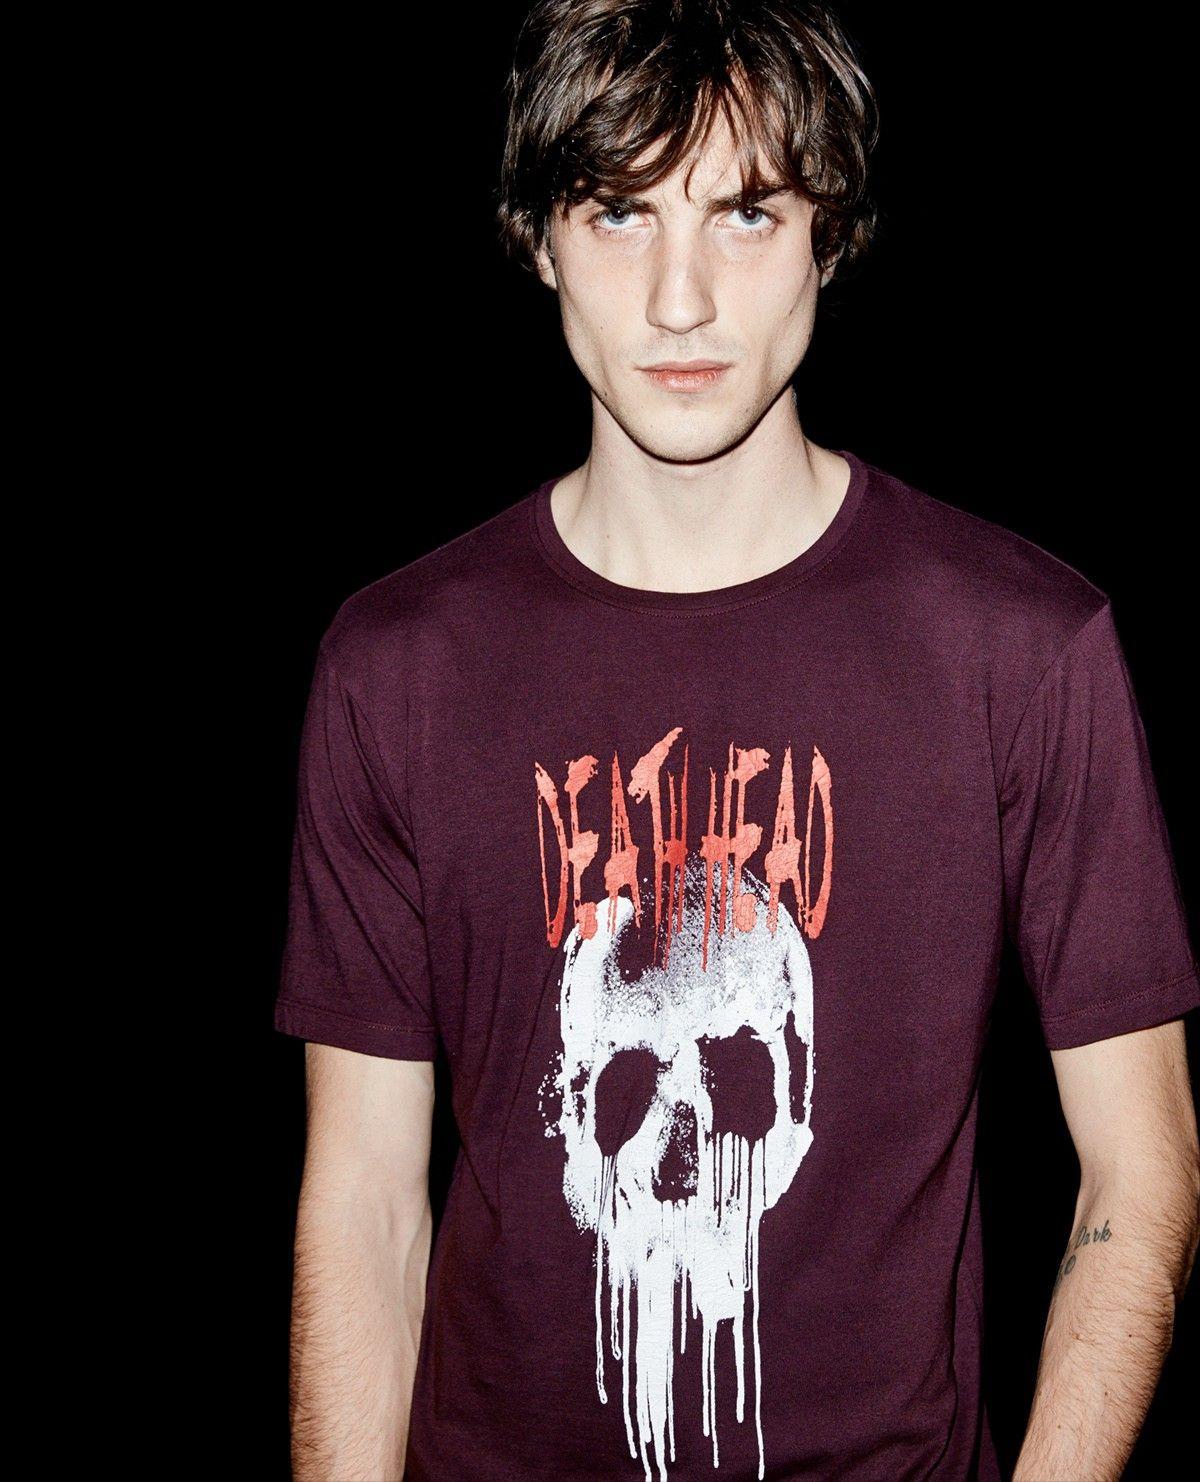 meilleur service 53953 13e6e Dead Head T-shirt - T-shirts - The Kooples | Renfold ...